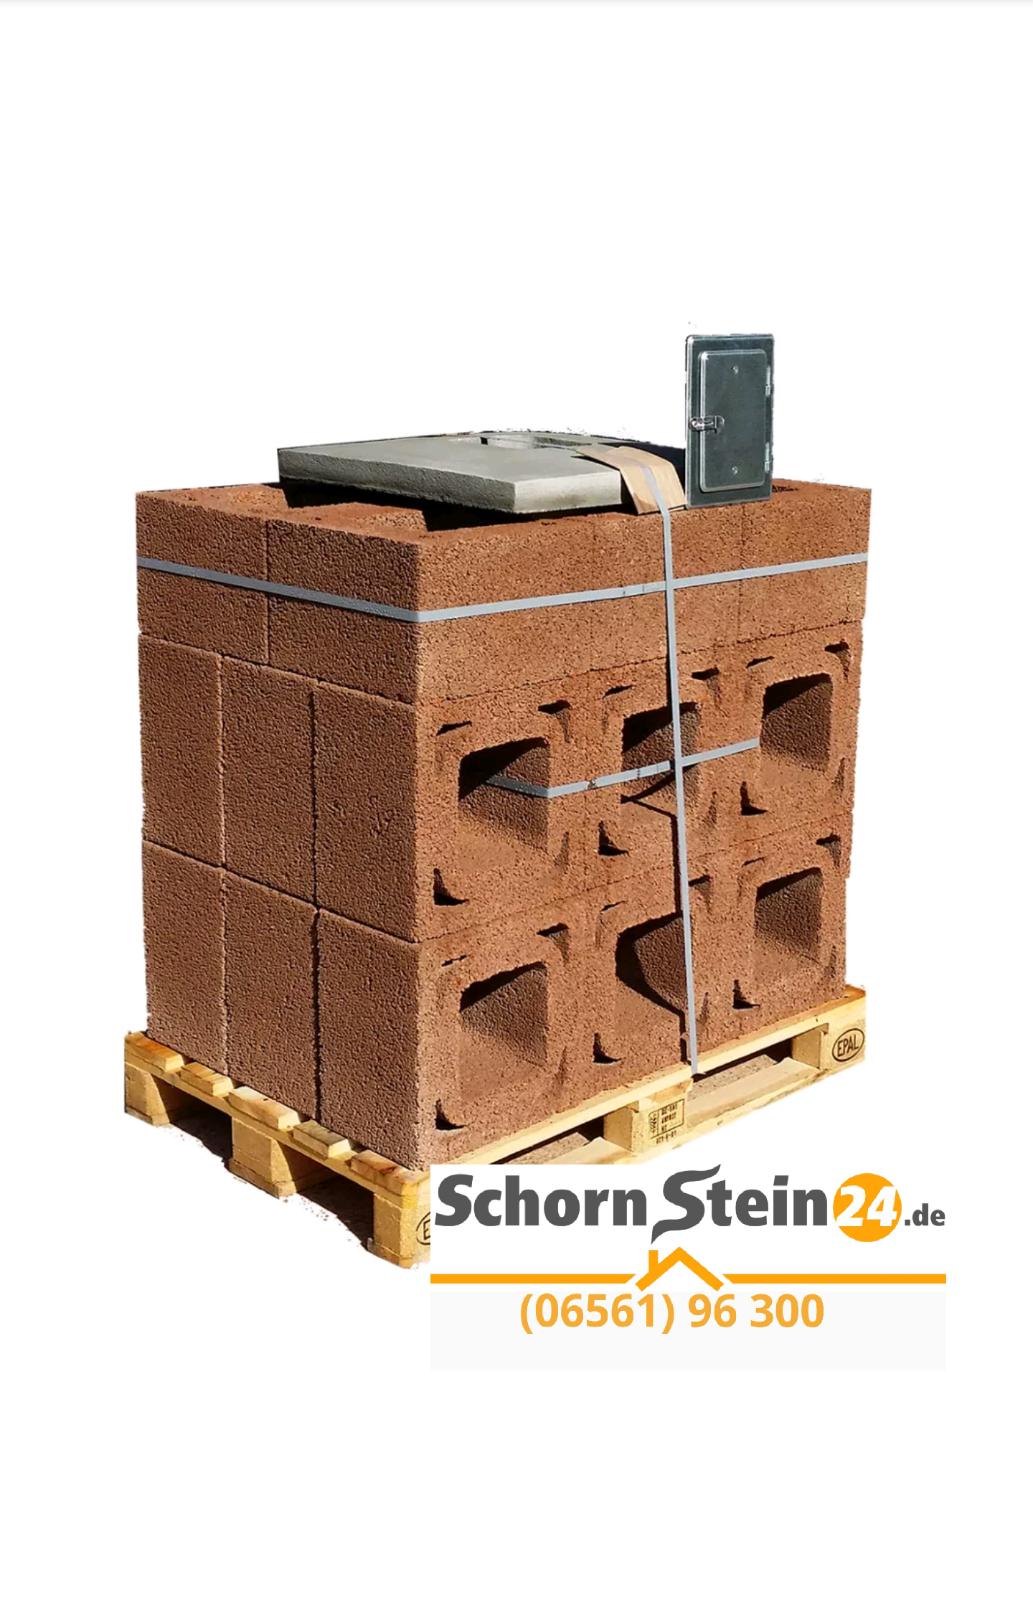 Schornstein Bausatz Massiv, Komplett System,6 Meter nach DIN EN1858